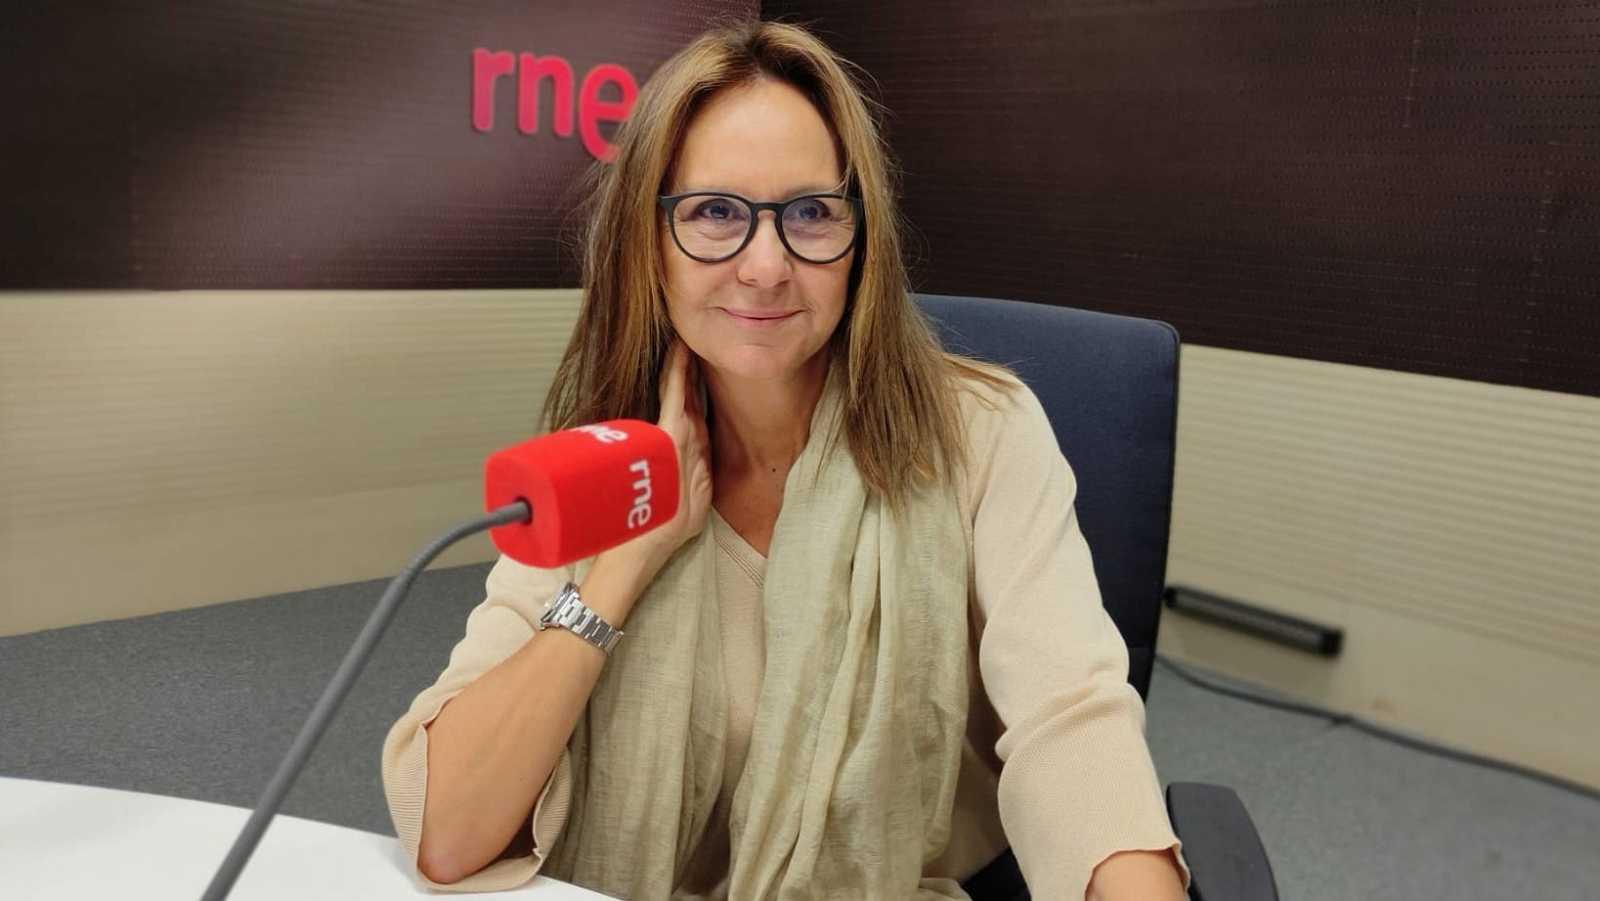 De boca a orella - Entrevista a María Dueñas